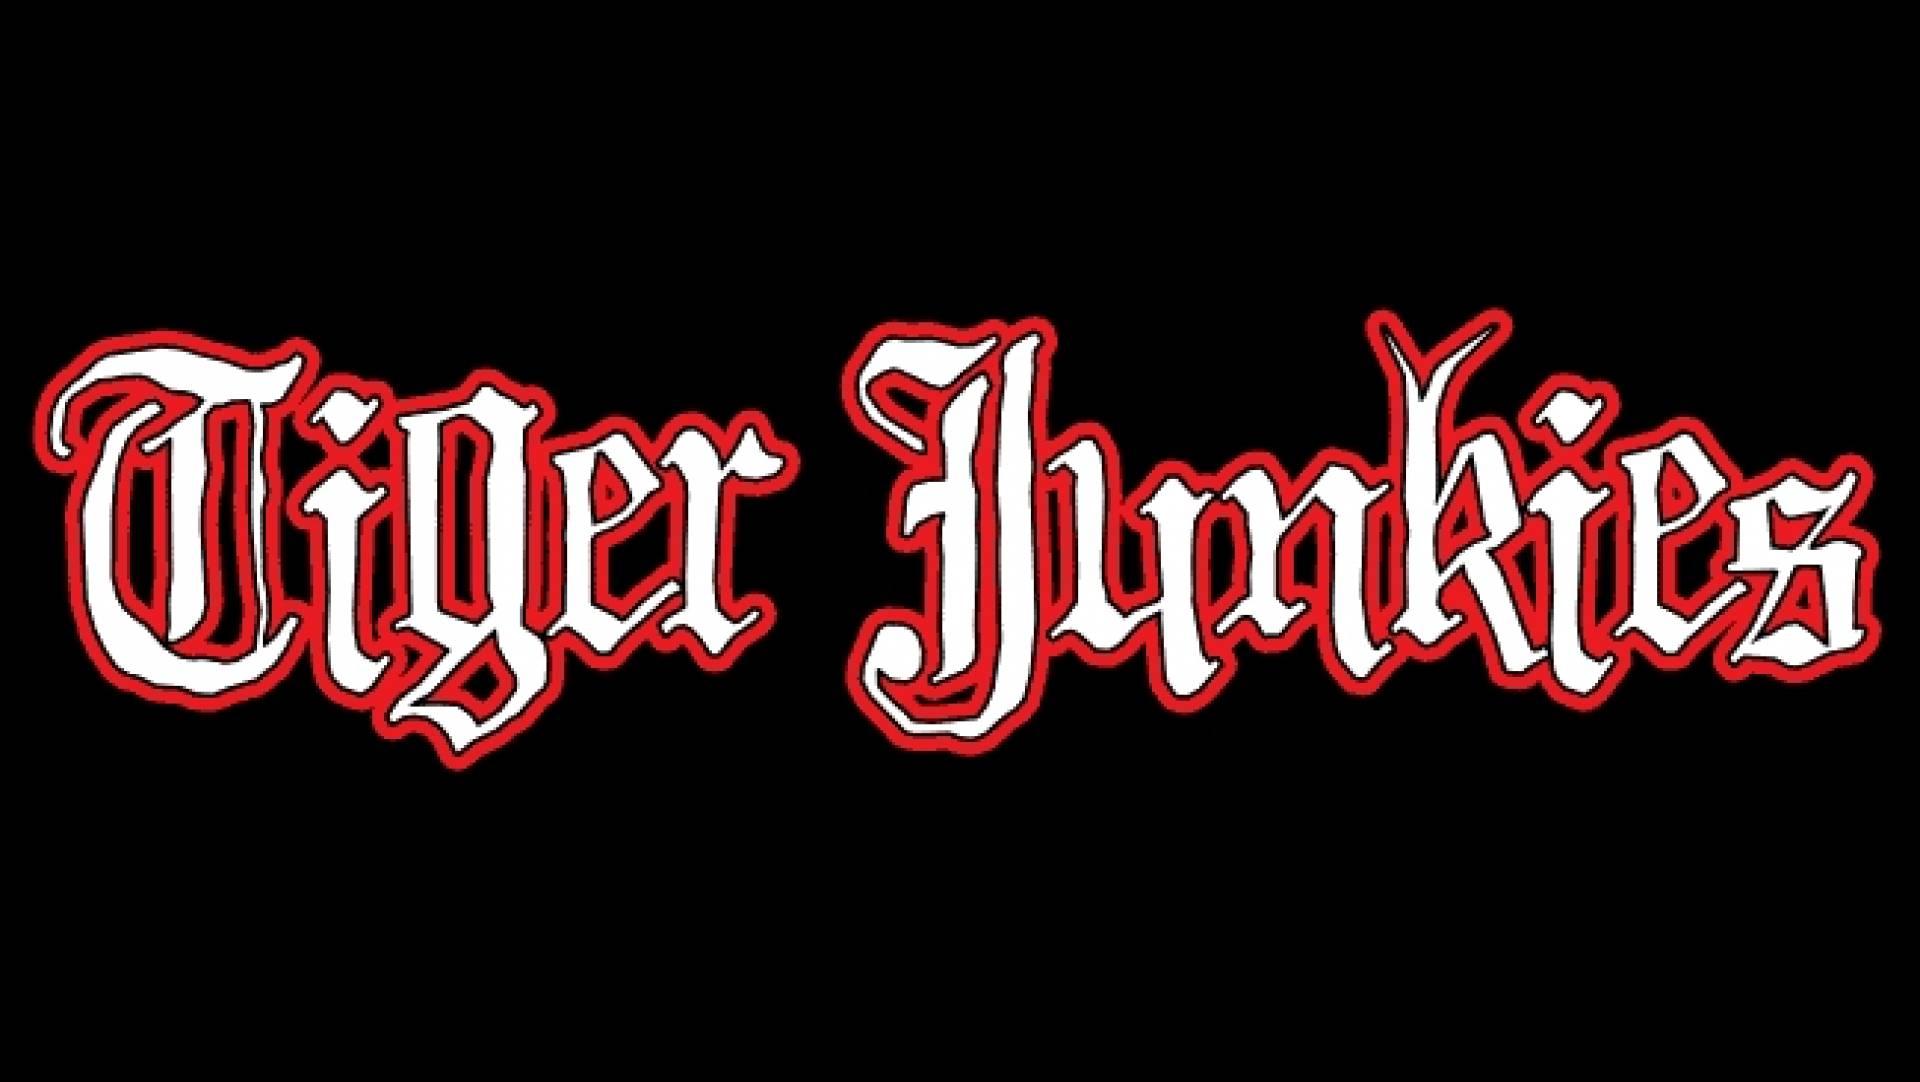 TIGER JUNKIES